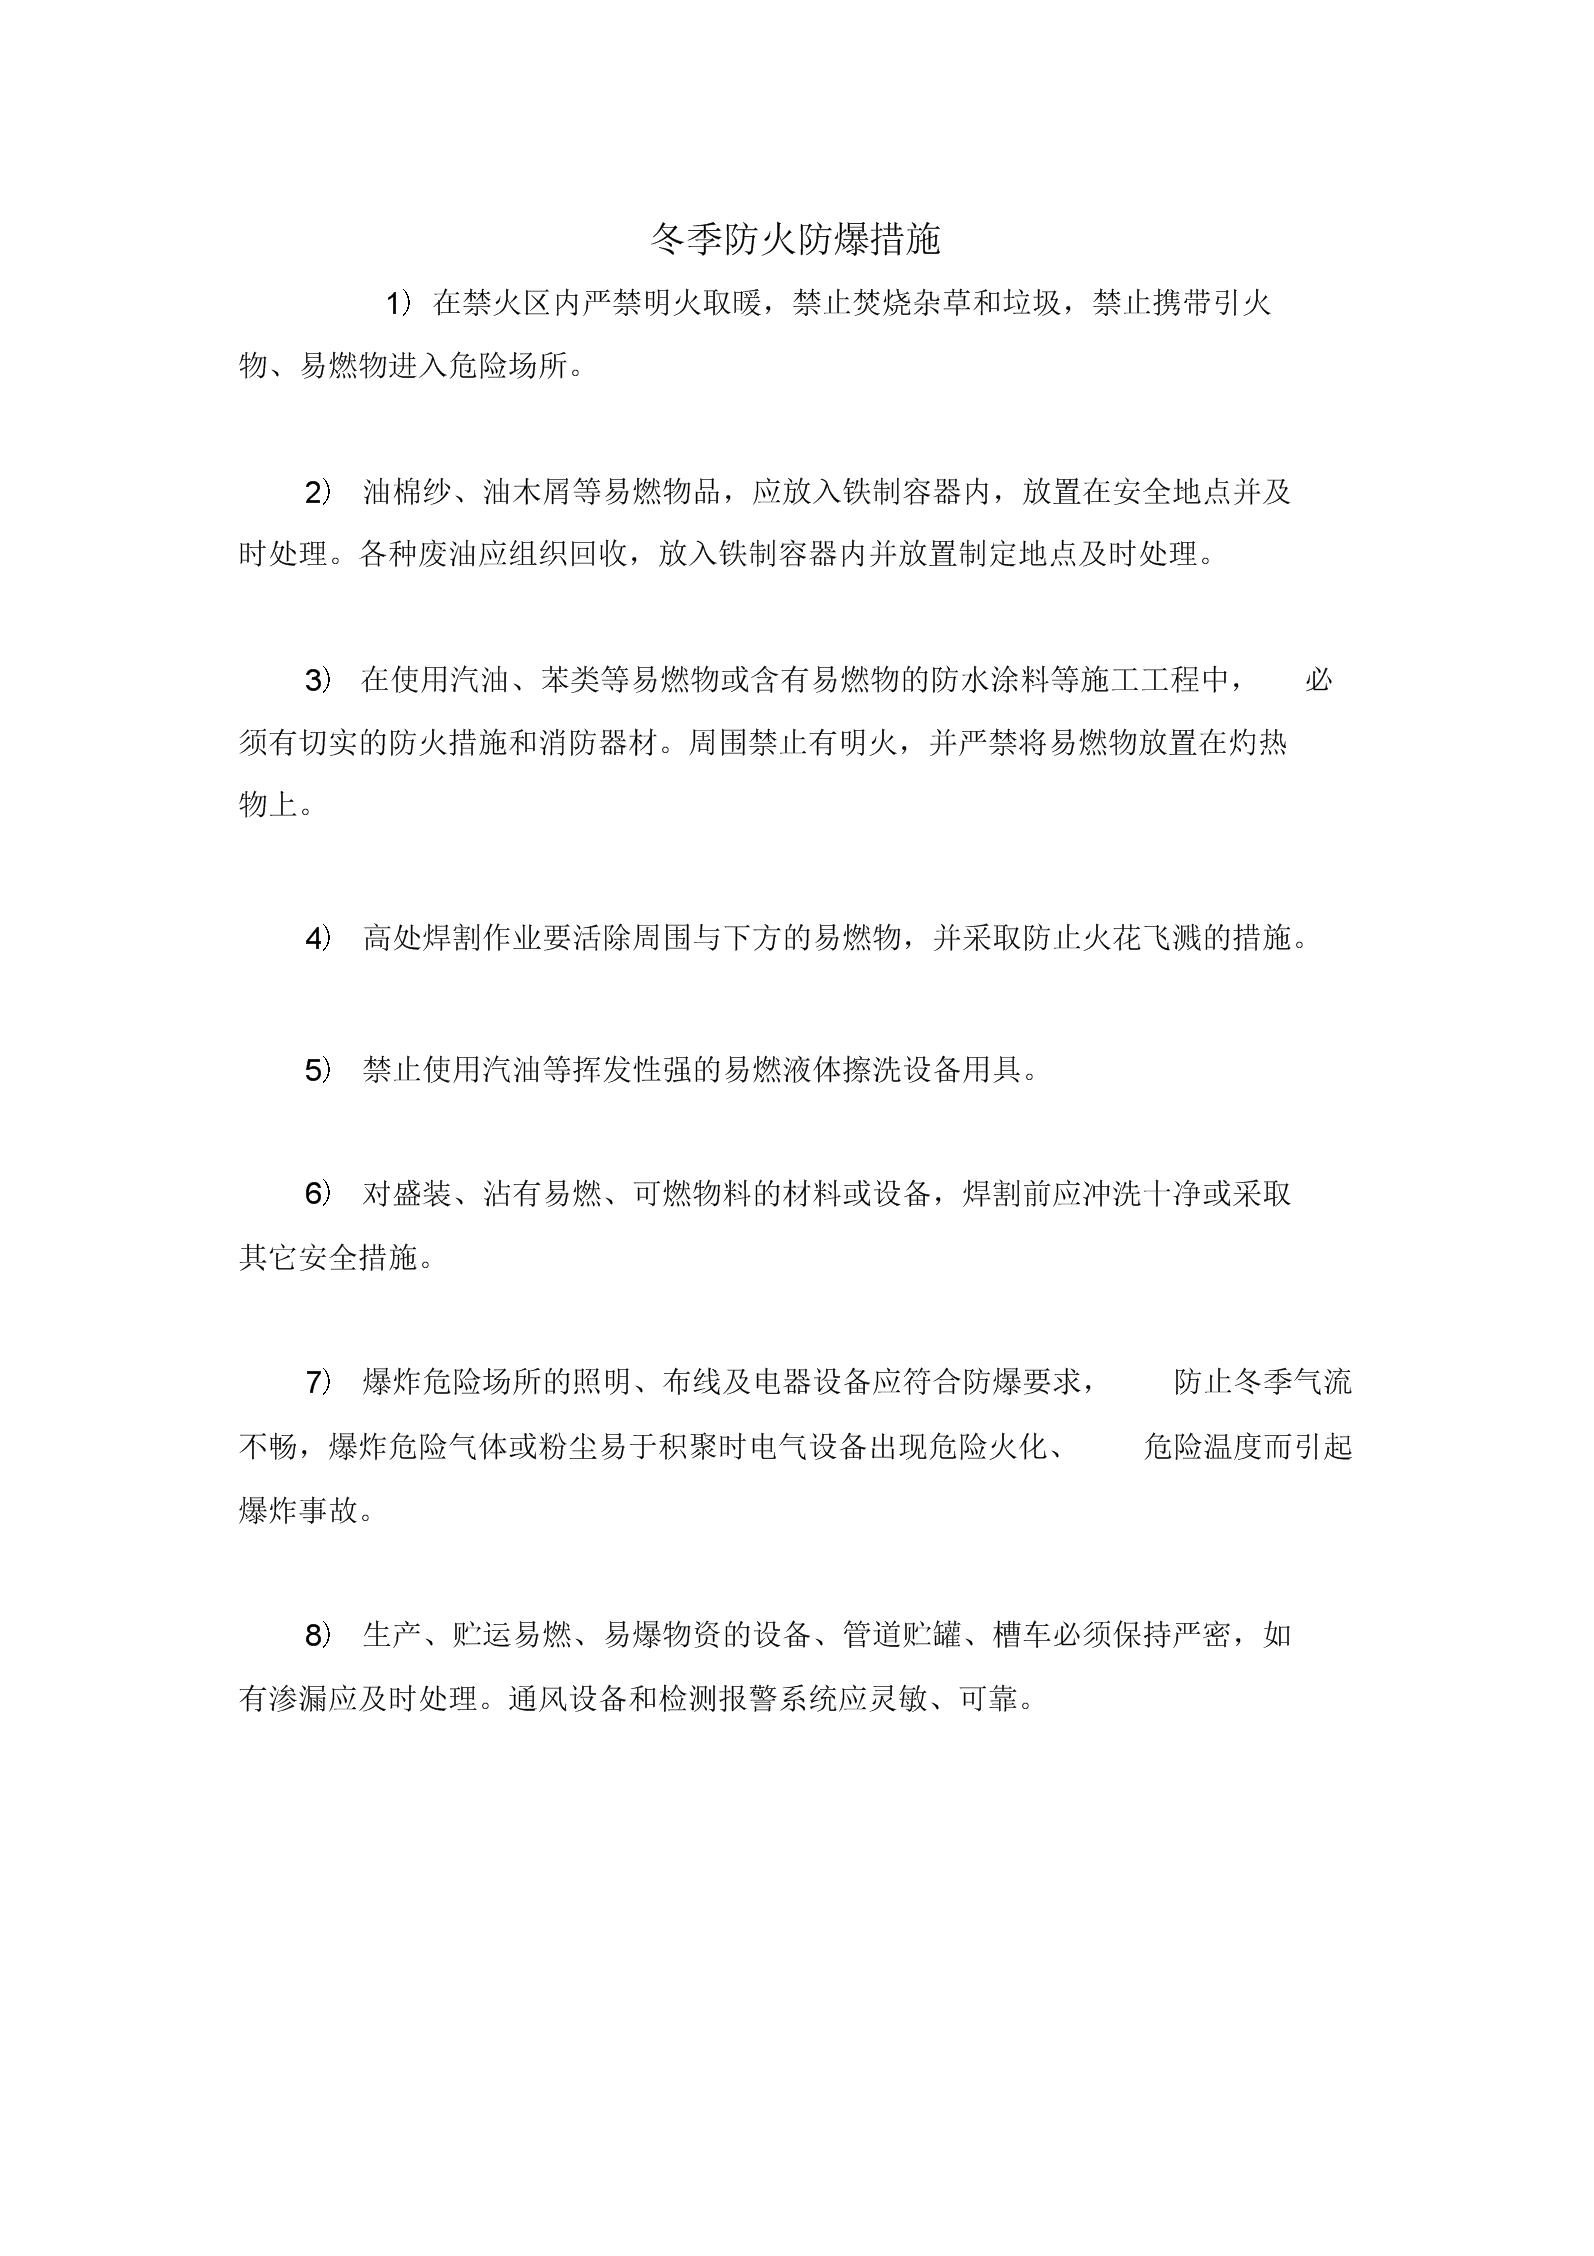 冬季防火防爆措施.docx